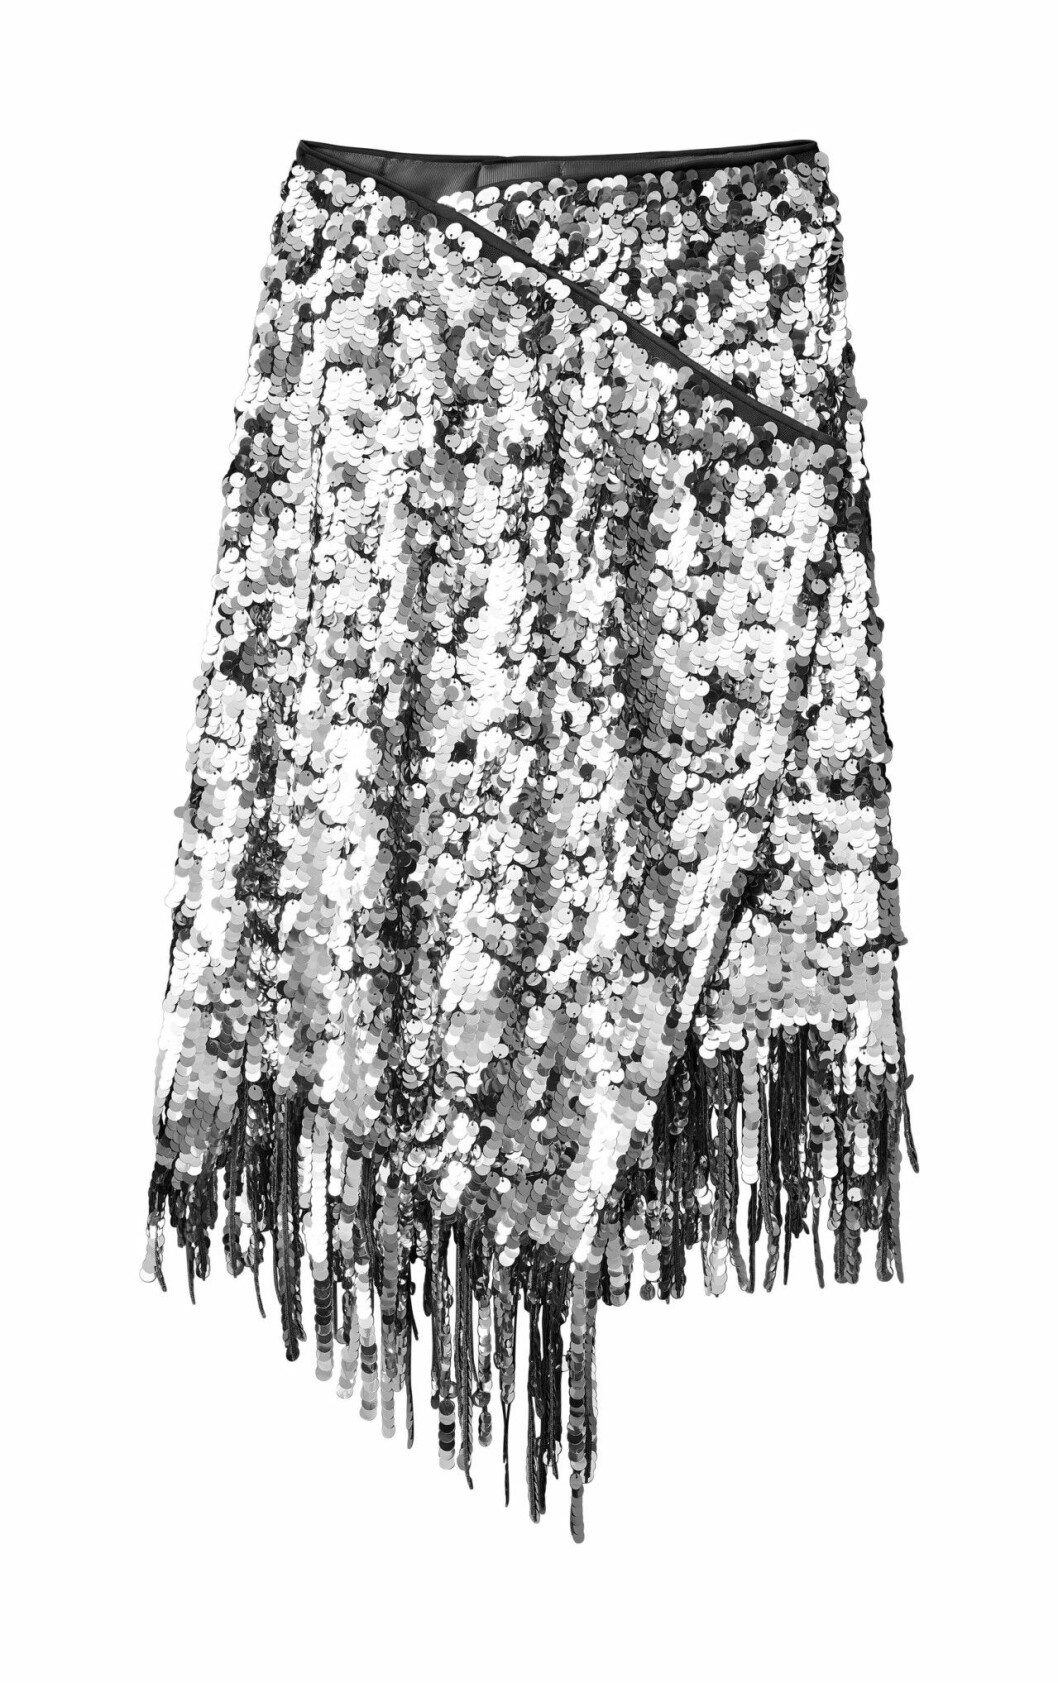 H&M Studio höstkollektion aw 2019 – kjol i strass